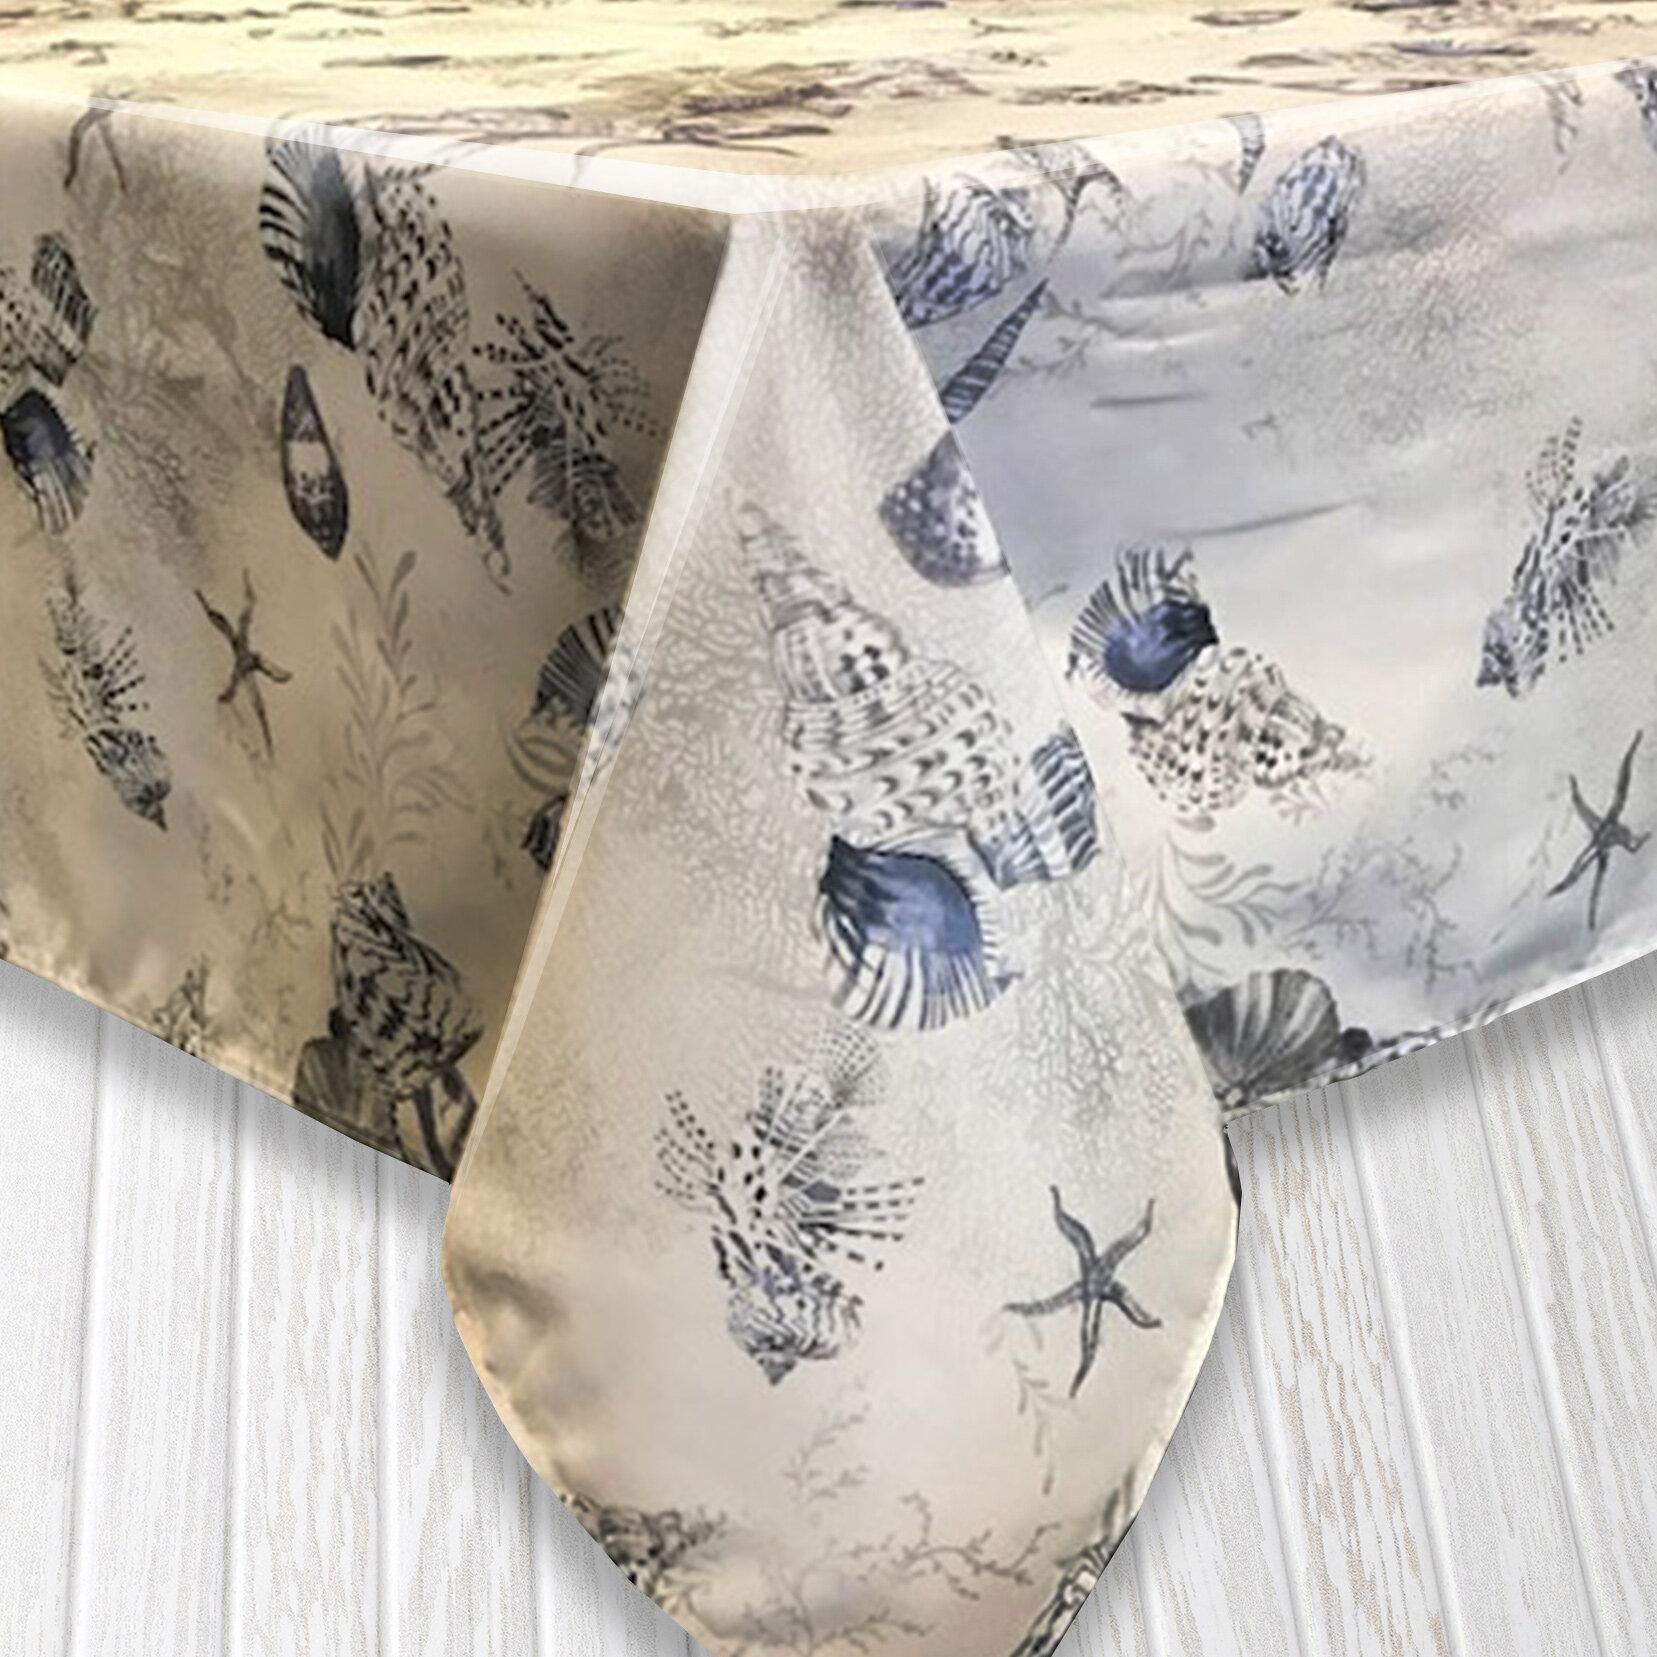 Highland Dunes Zoey Ocean Indoor/Outdoor Tablecloth & Reviews | Wayfair